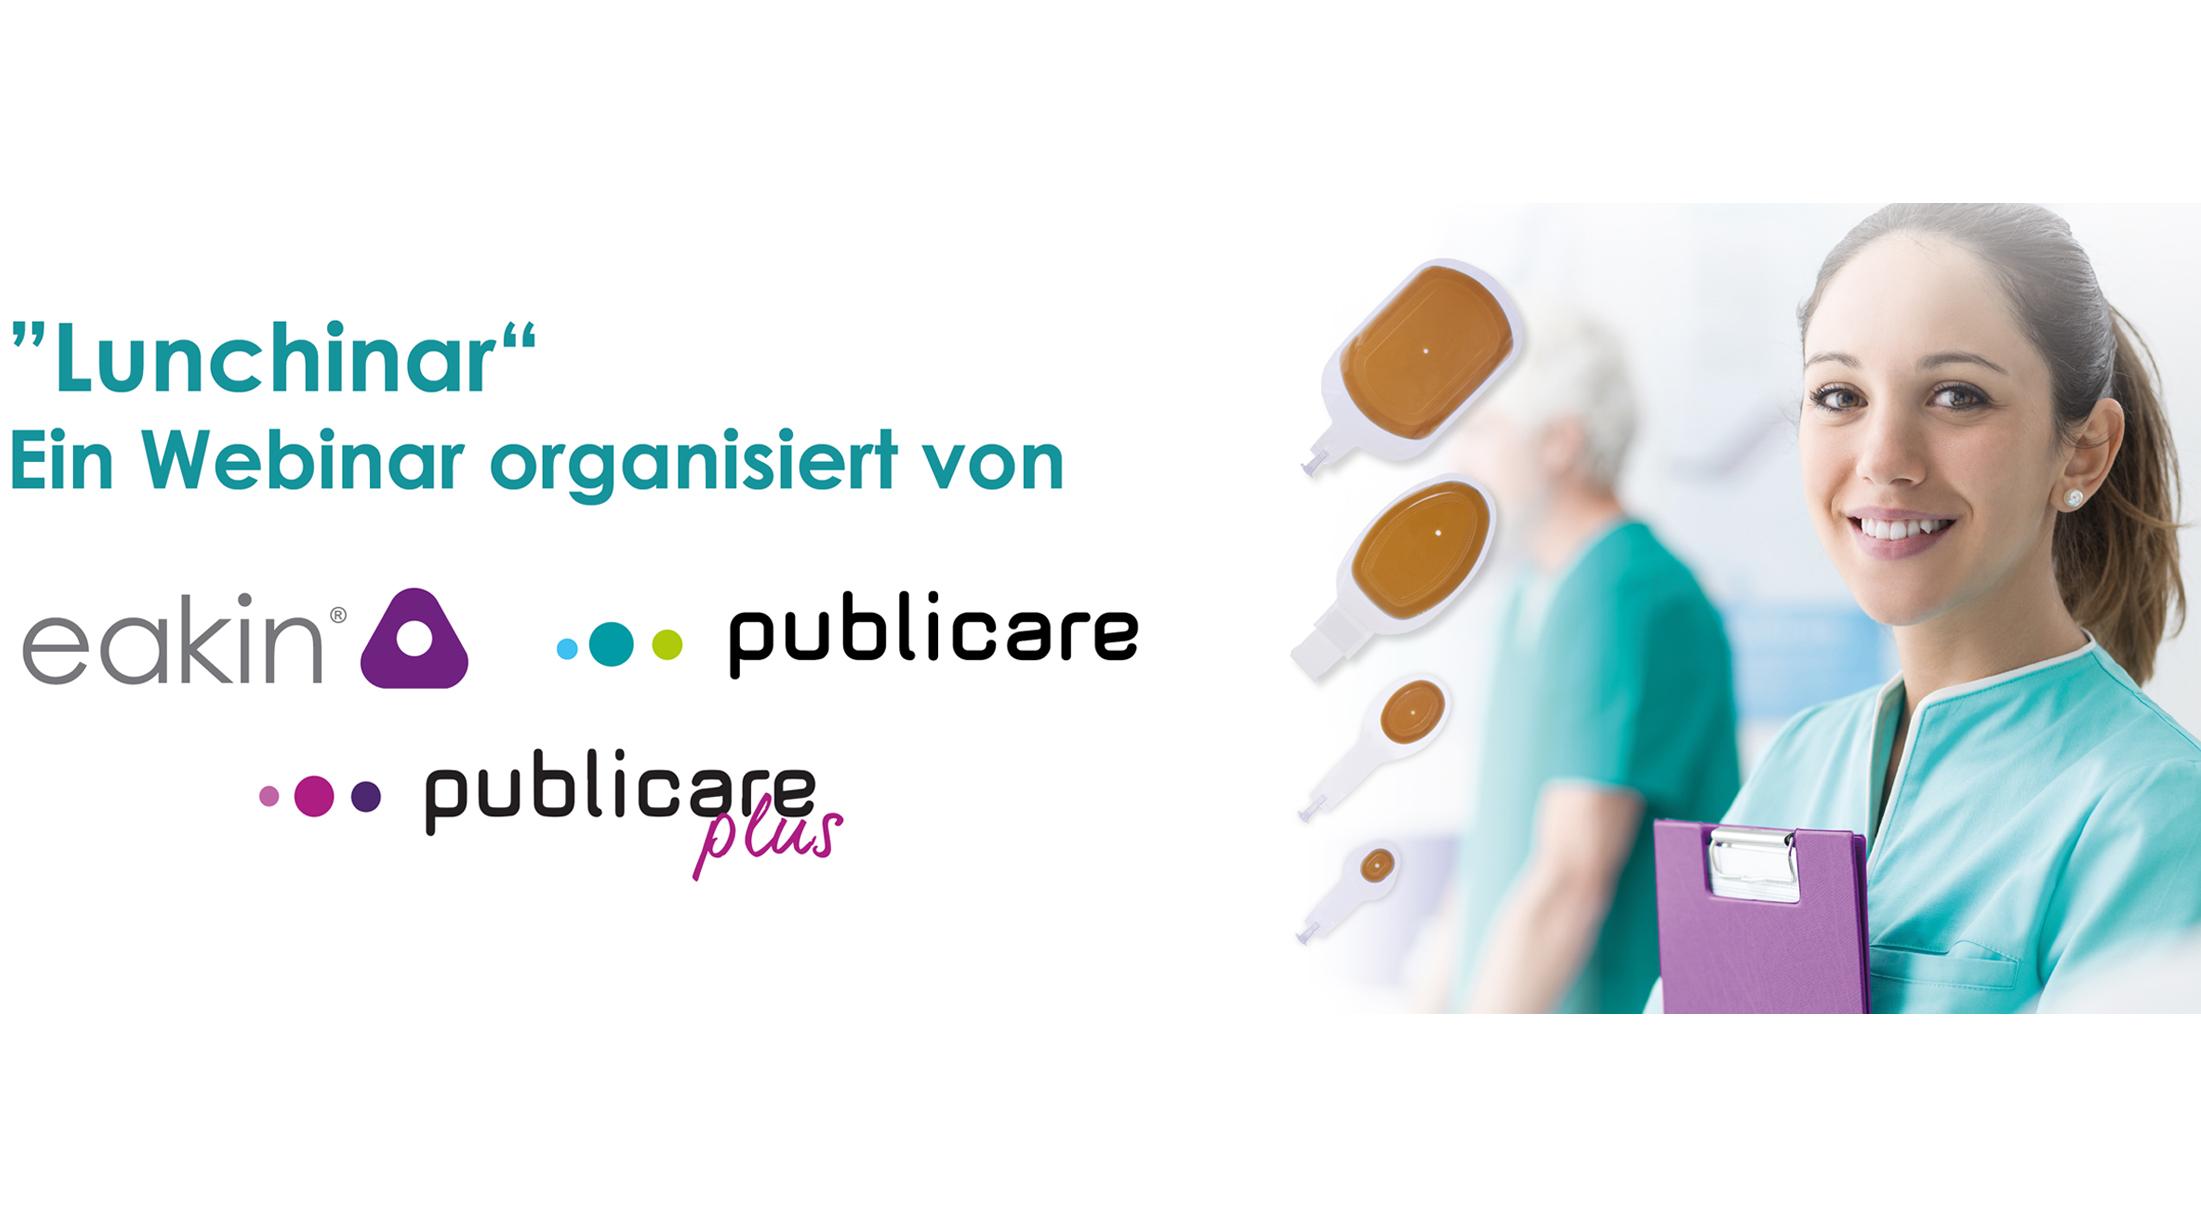 Lunchinar zum Thema Fisteln: Chirurgische Herausforderungen